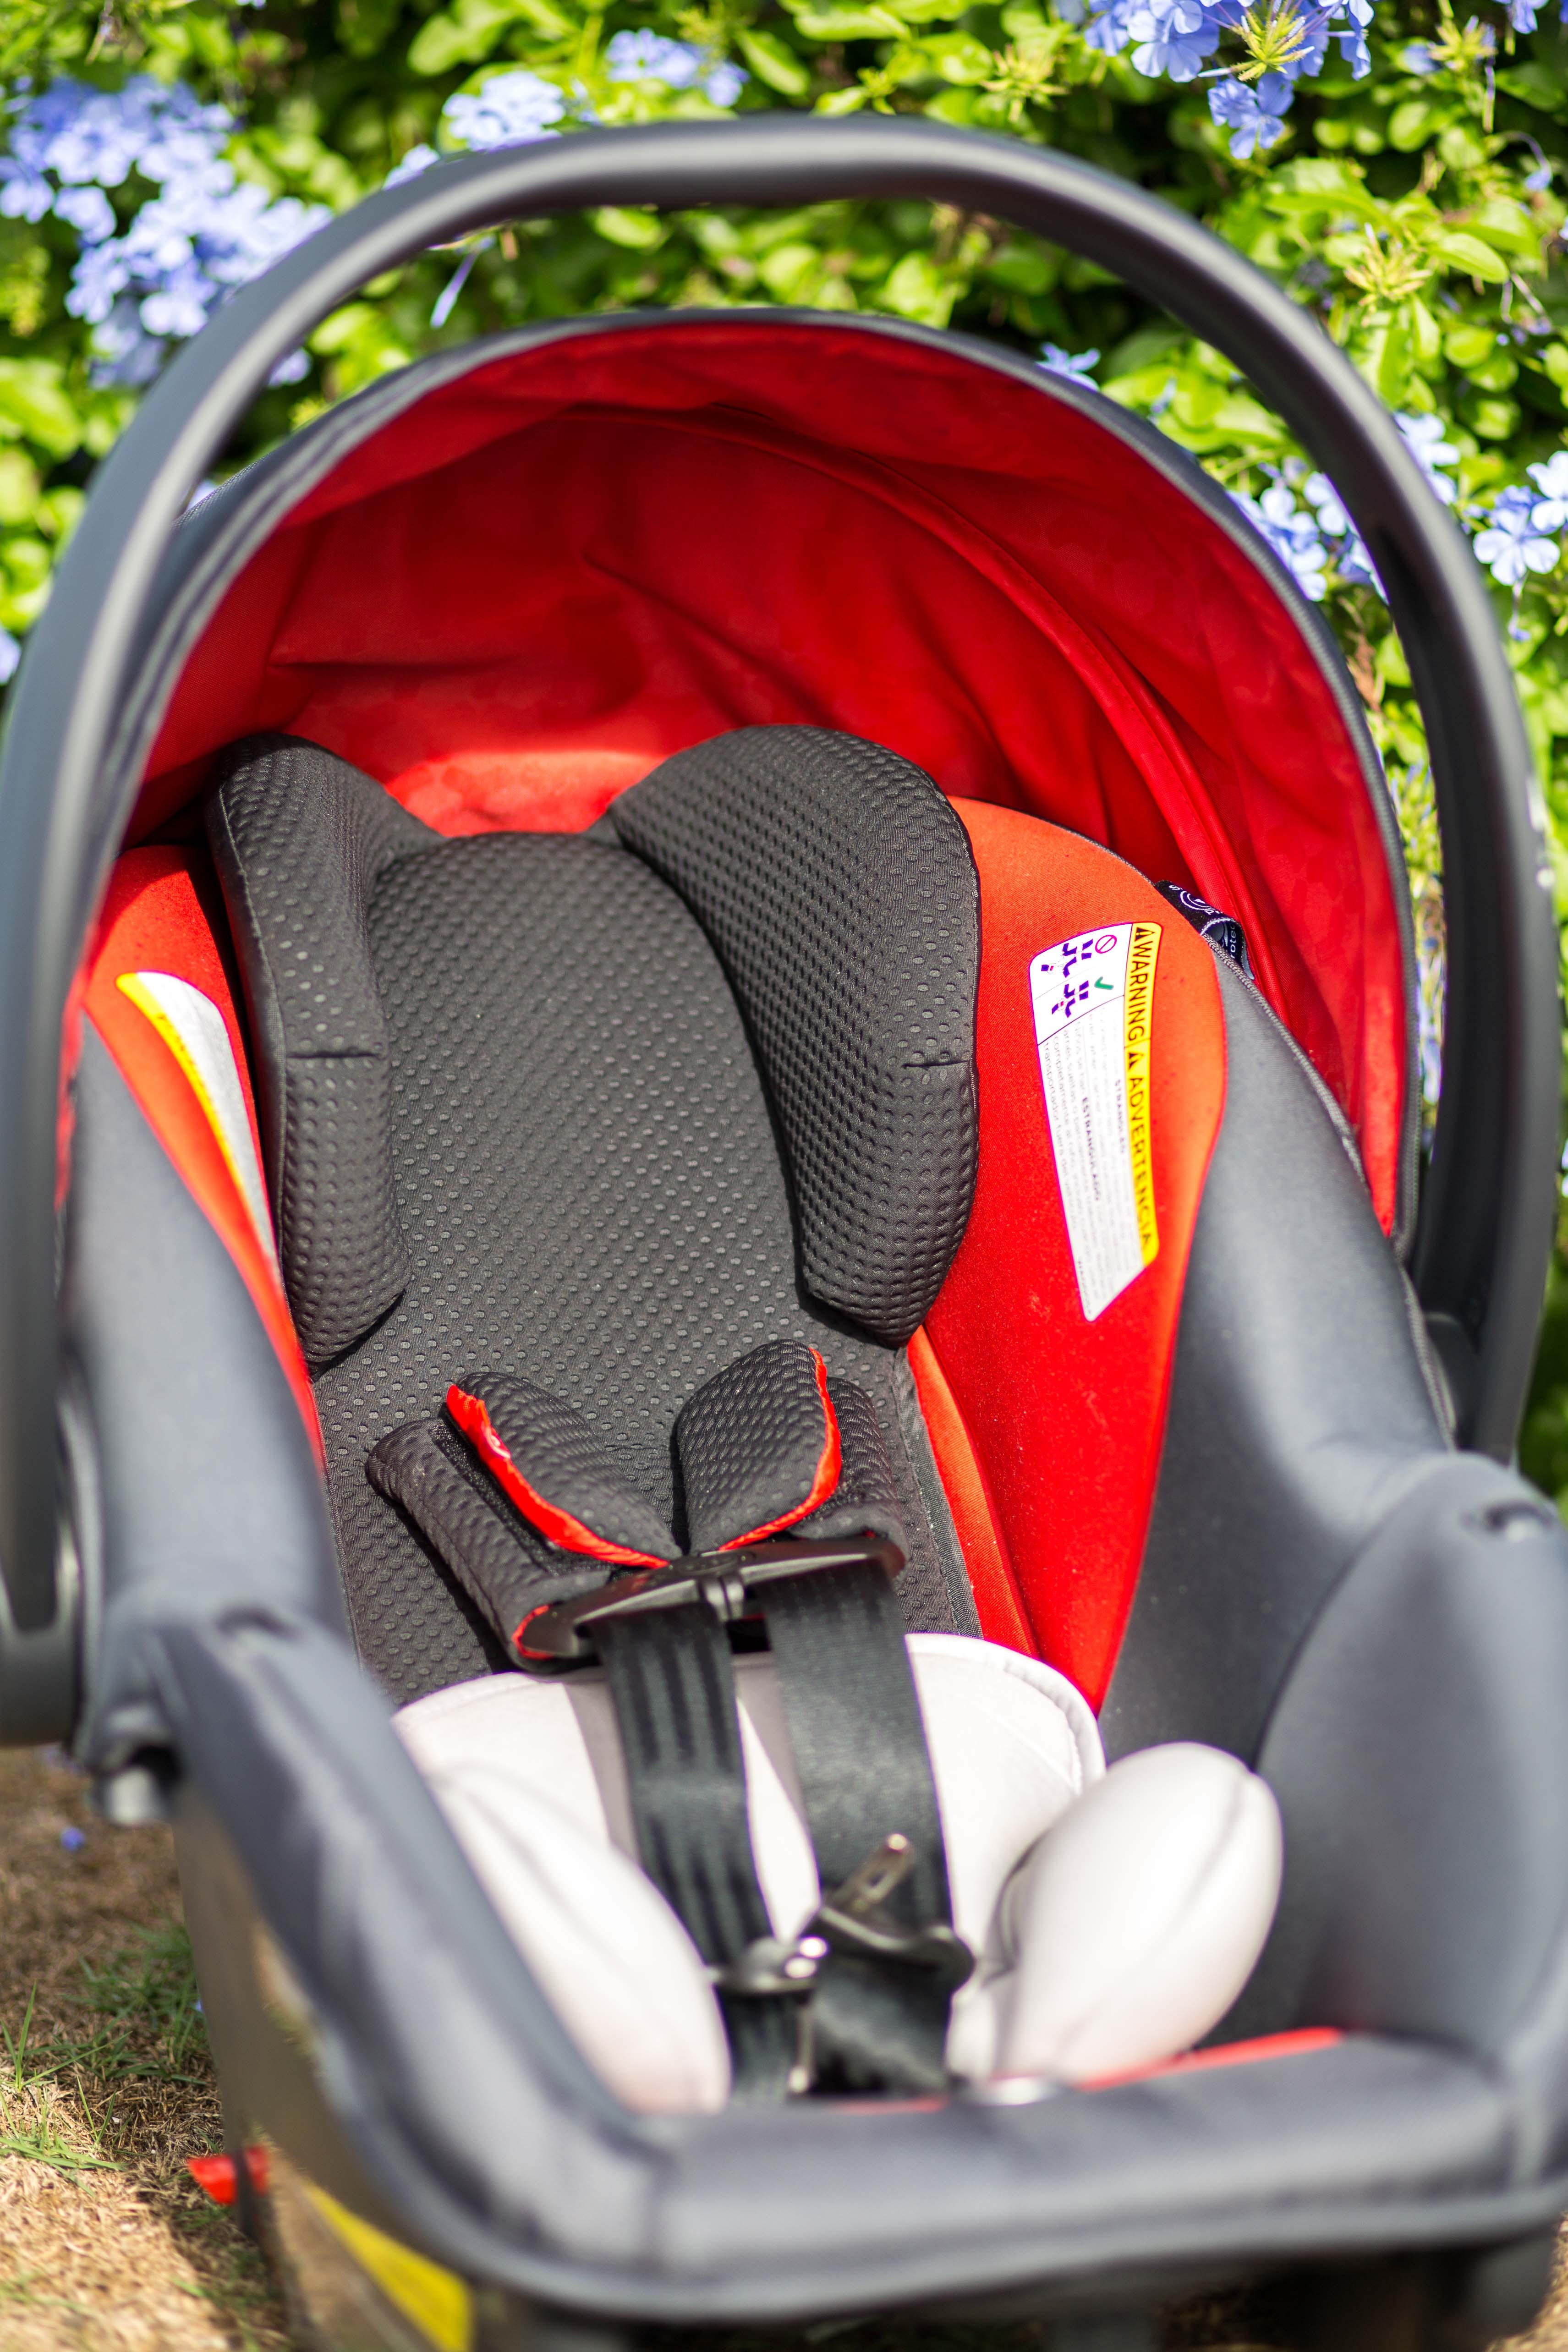 PRECIOUS CARGO | GB ASANA35 AP INFANT CAR SEAT REVIEW